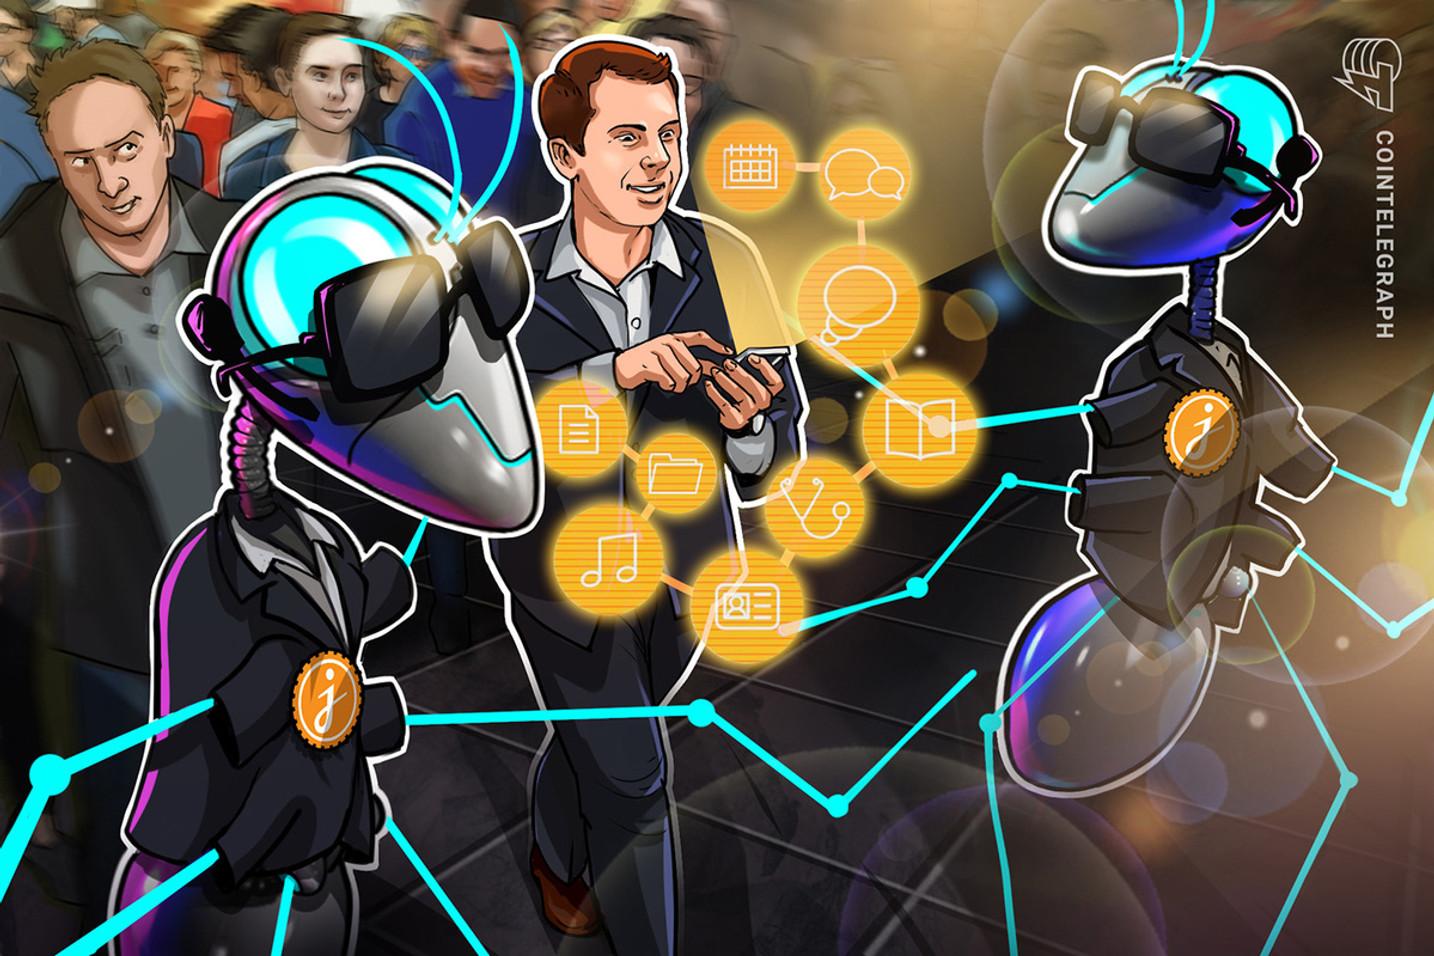 """Internetas išleidžia dar daugiau privačių duomenų, tačiau """"blockchain"""" gali padėti atgauti kontrolę"""